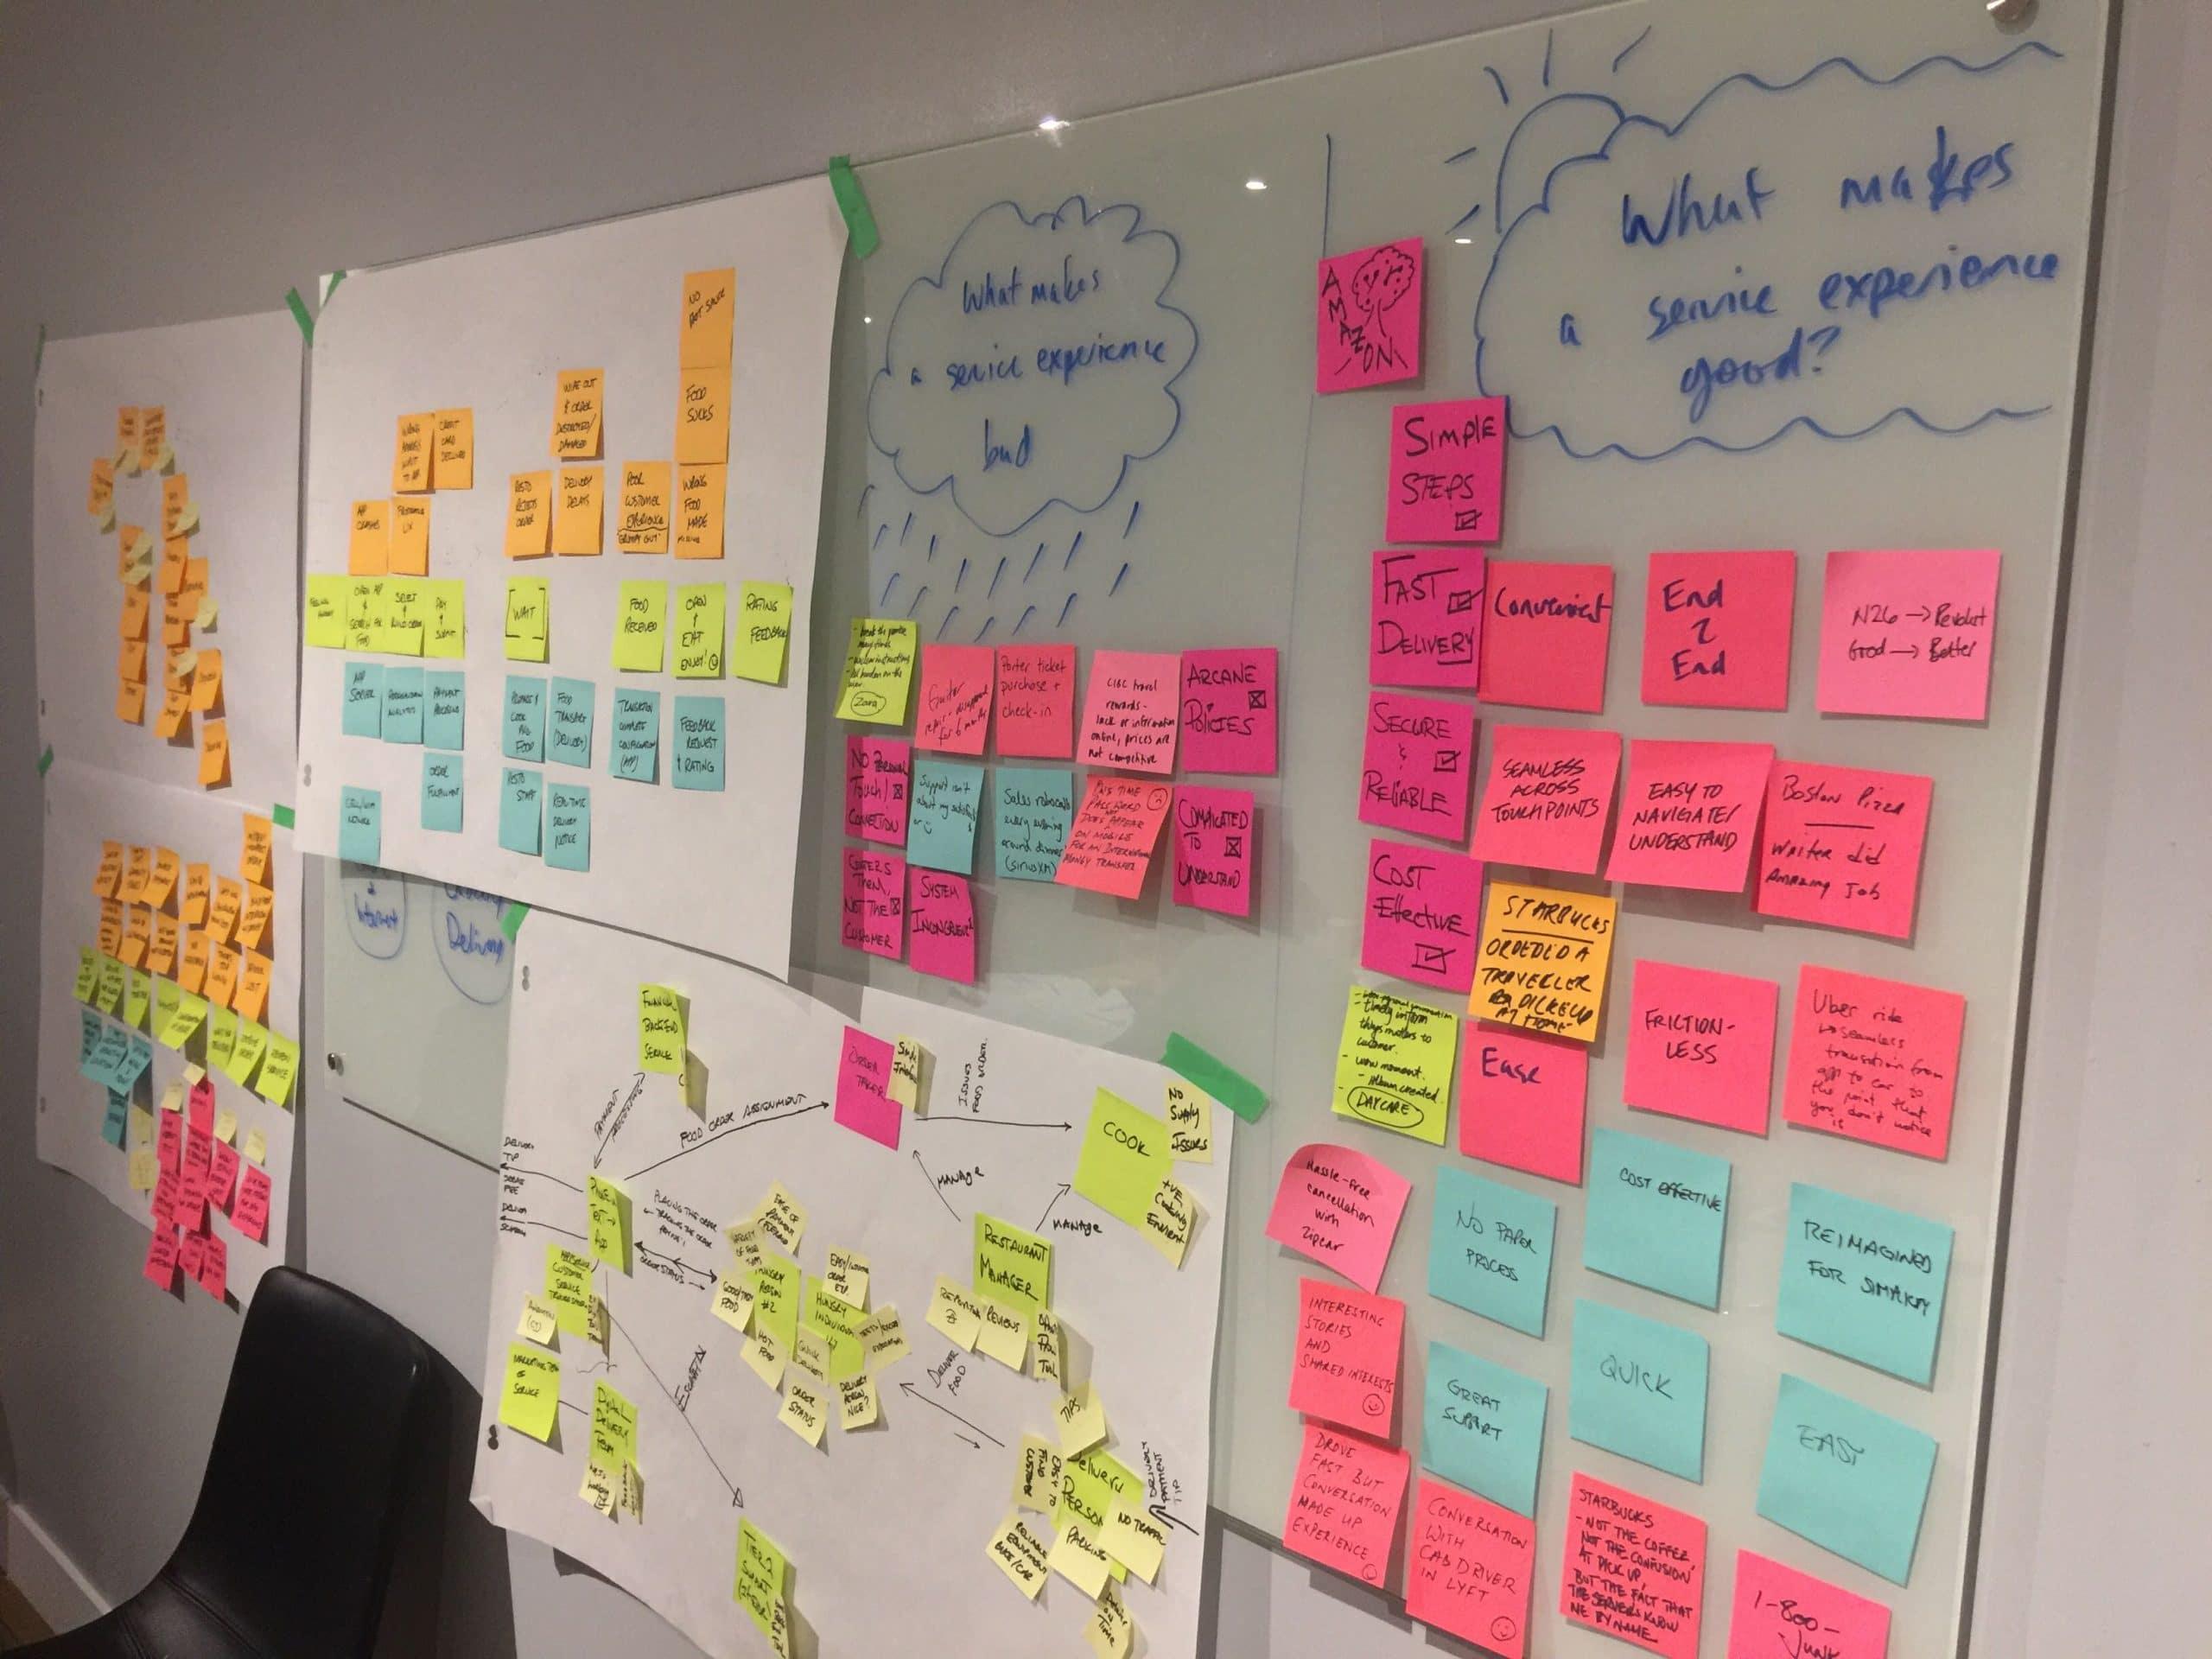 Rize Service Design Workshop 2019-02-05 Stakeholder Map